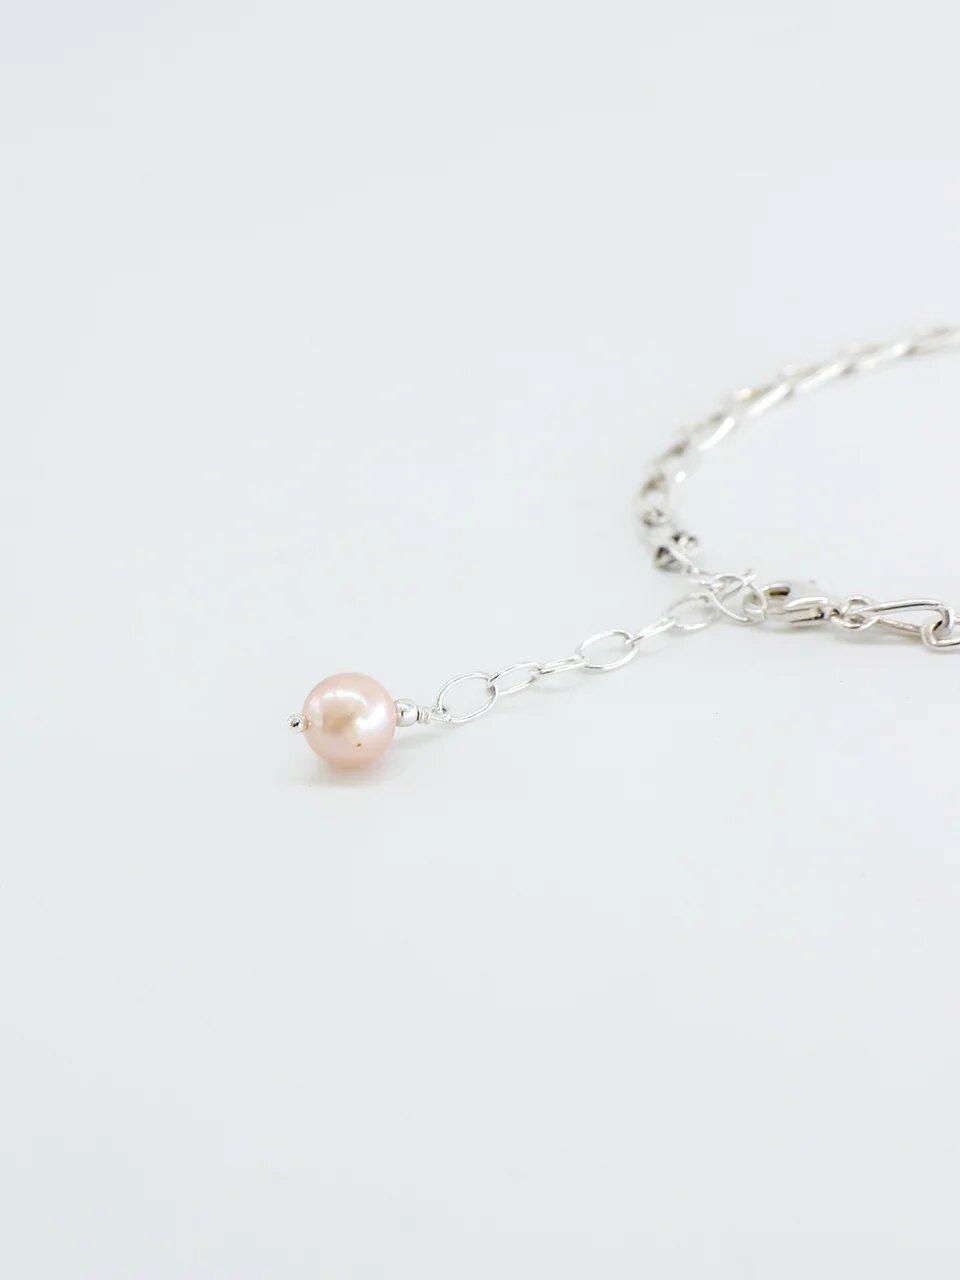 Браслет серебряный с розовой жемчужиной  оптом и в розницу